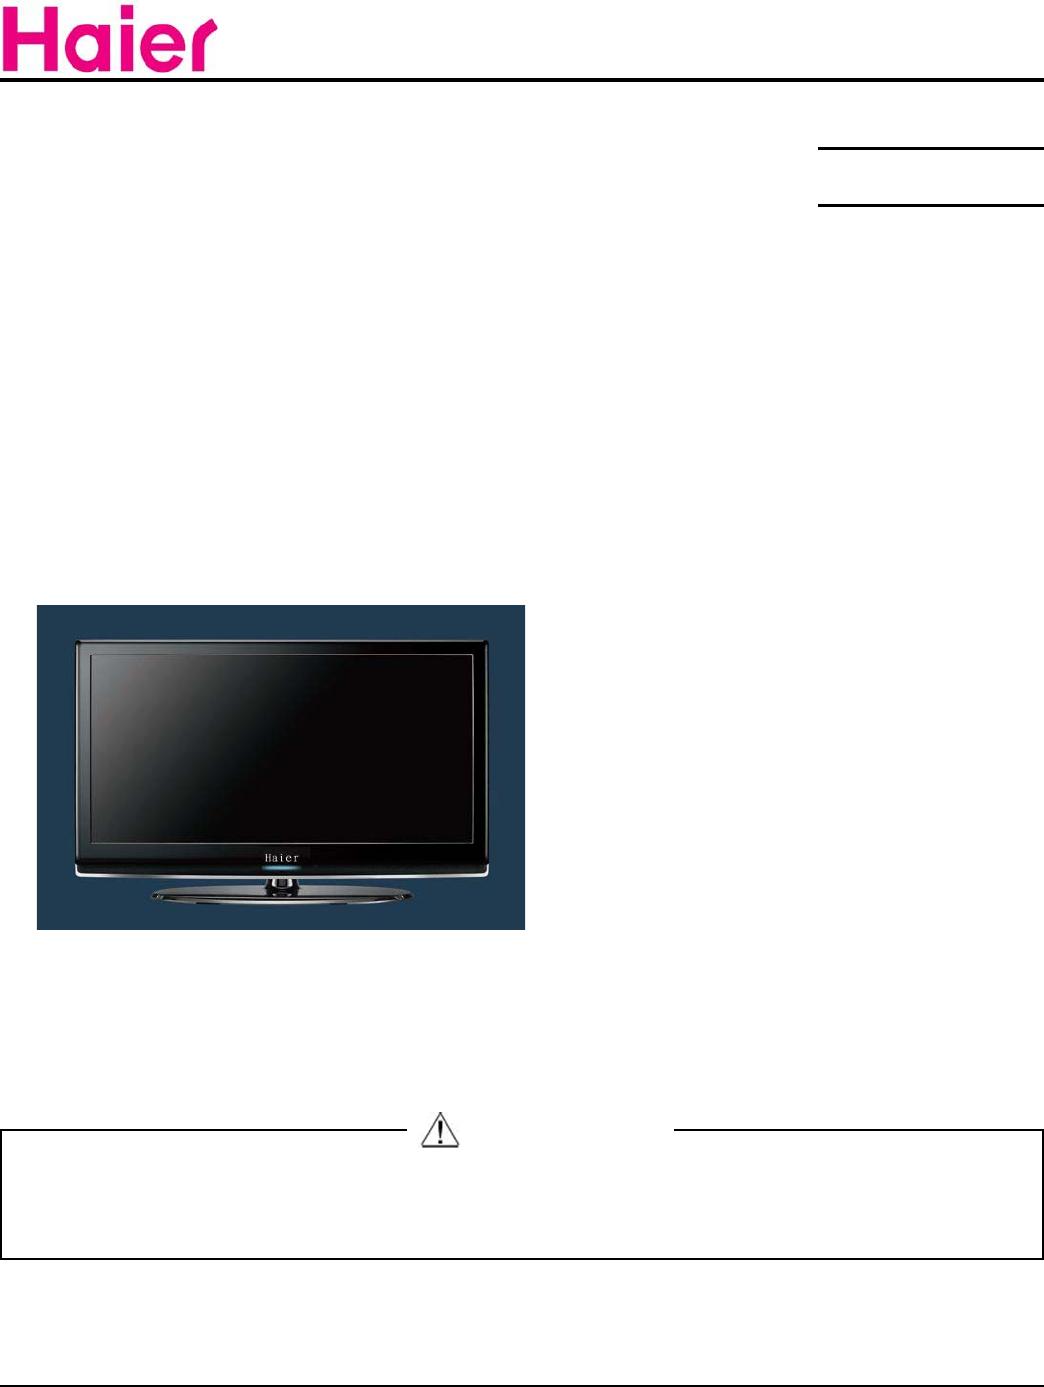 Hl40Xp1 Lcd Tv Ho - Bikeriverside on